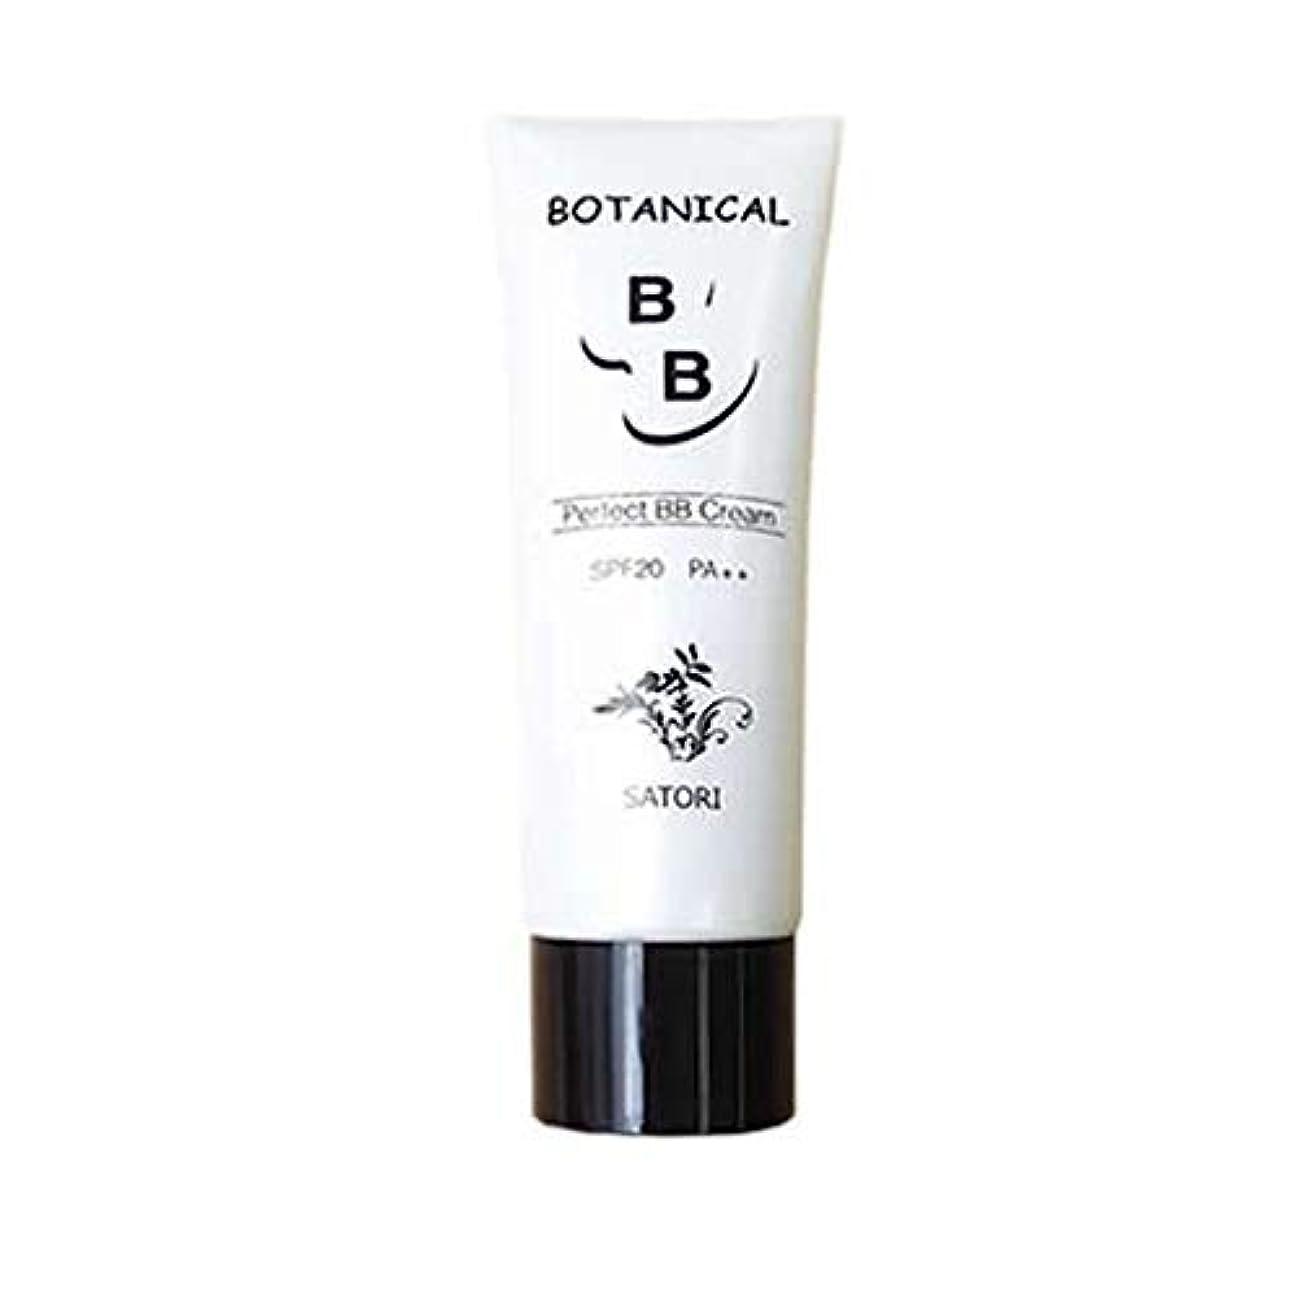 保持するあさりお酒SATORI ボタニカル BBパーフェクトクリーム 50g